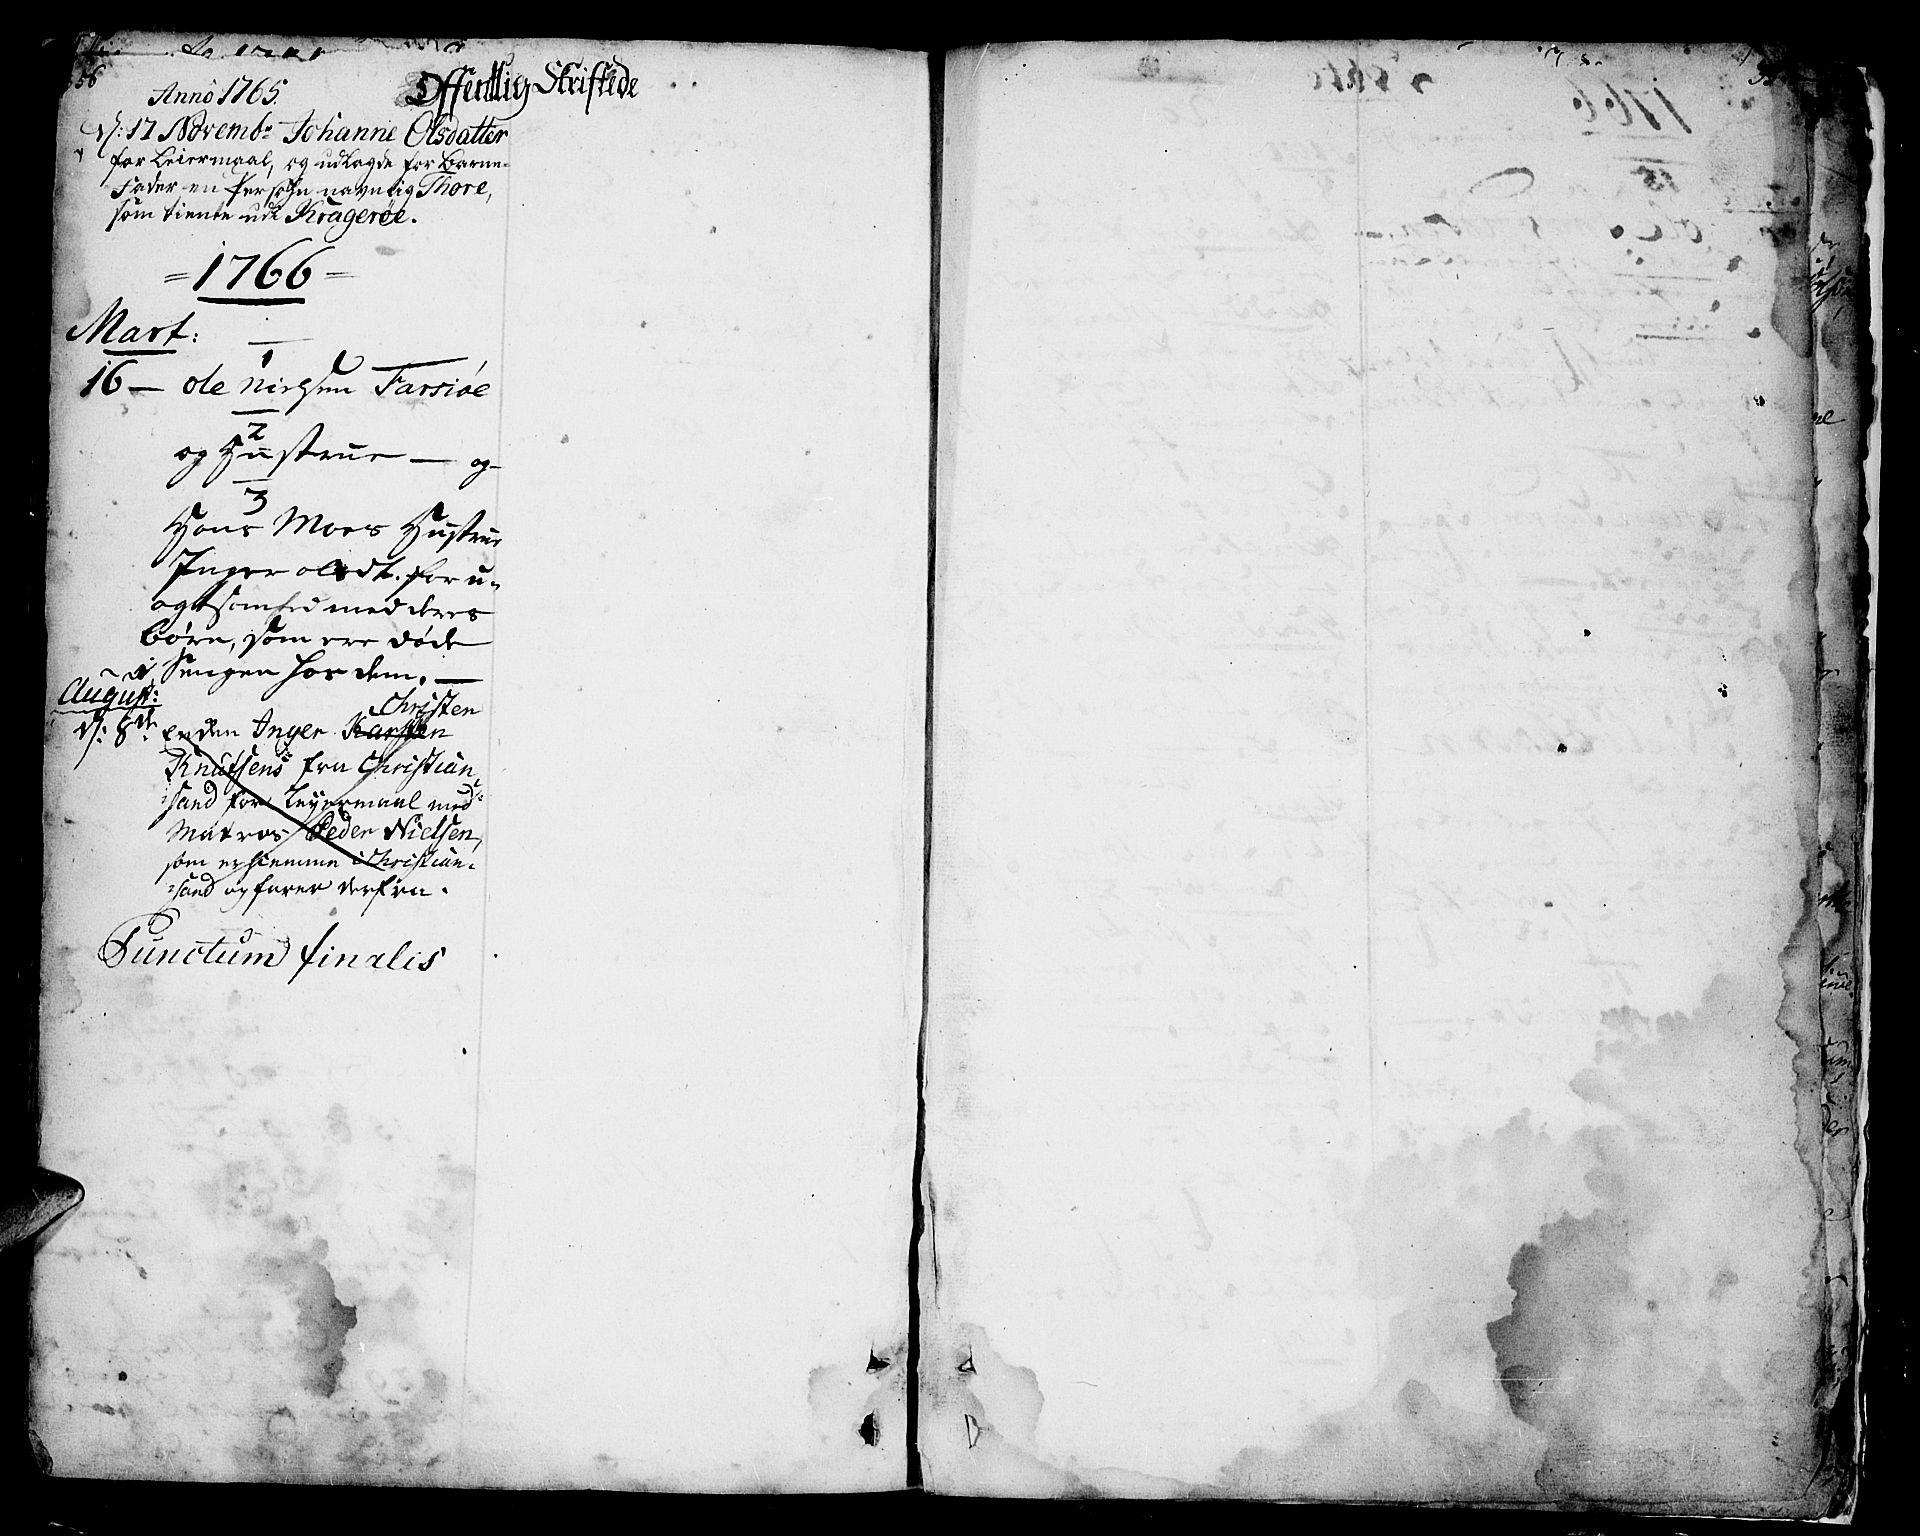 SAKO, Sannidal kirkebøker, F/Fa/L0001: Ministerialbok nr. 1, 1702-1766, s. 356-357